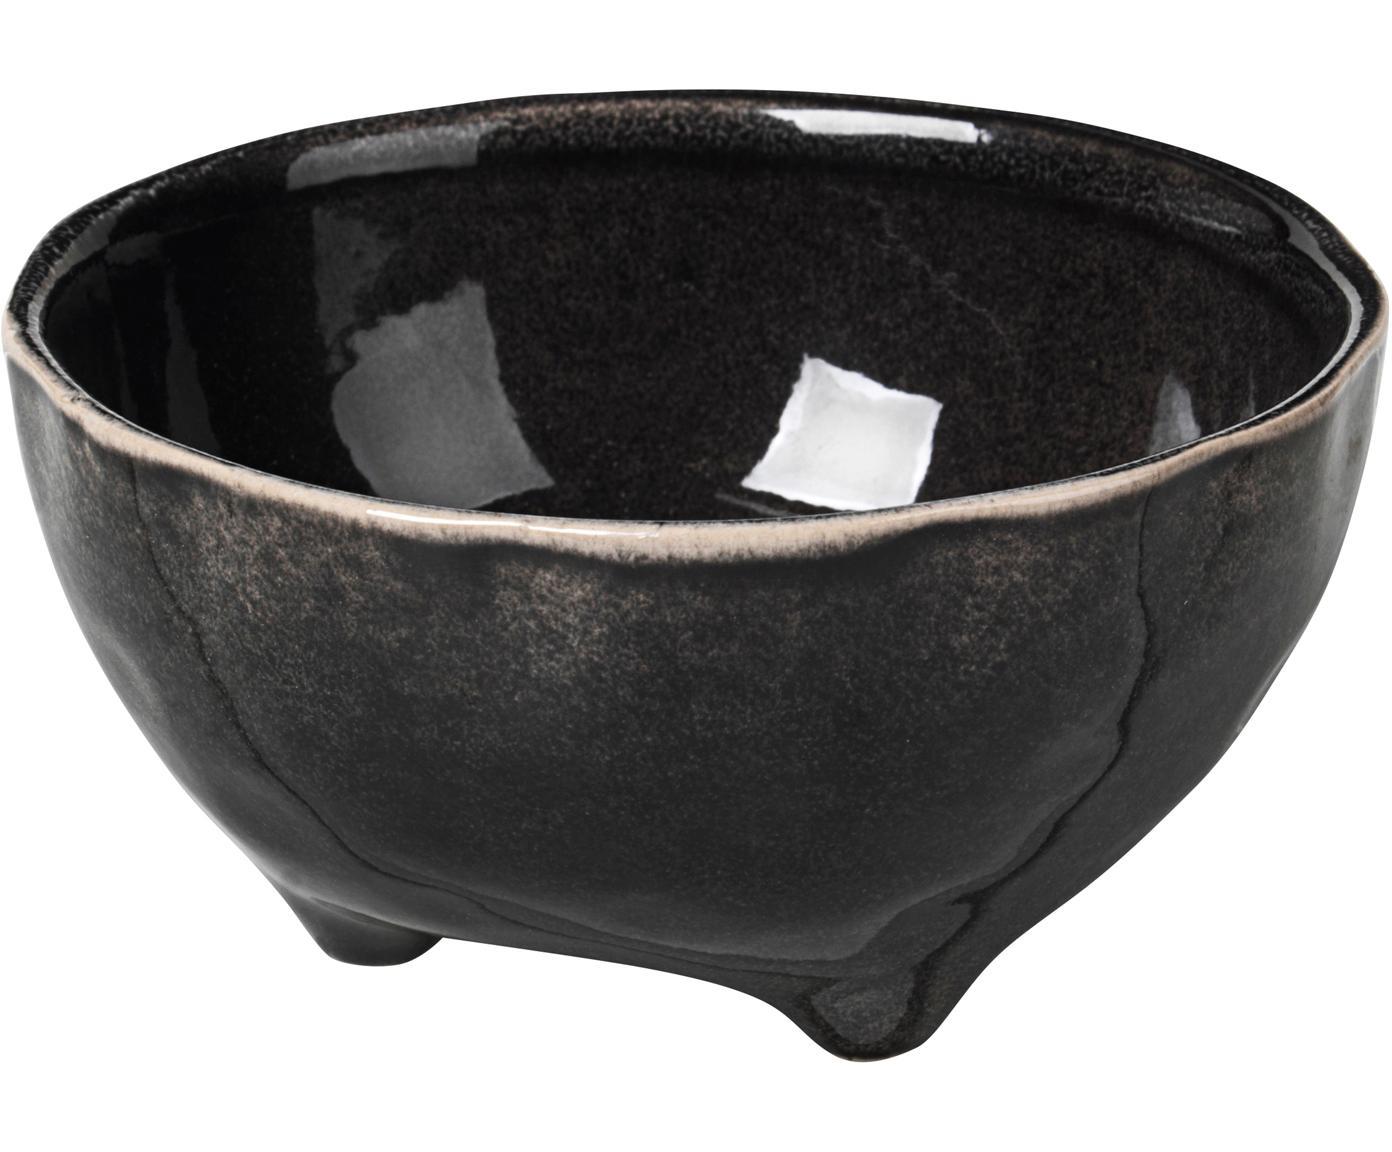 Handgemachte Schälchen Nordic Coal, 4 Stück, Steingut, Bräunlich, Ø 11 cm